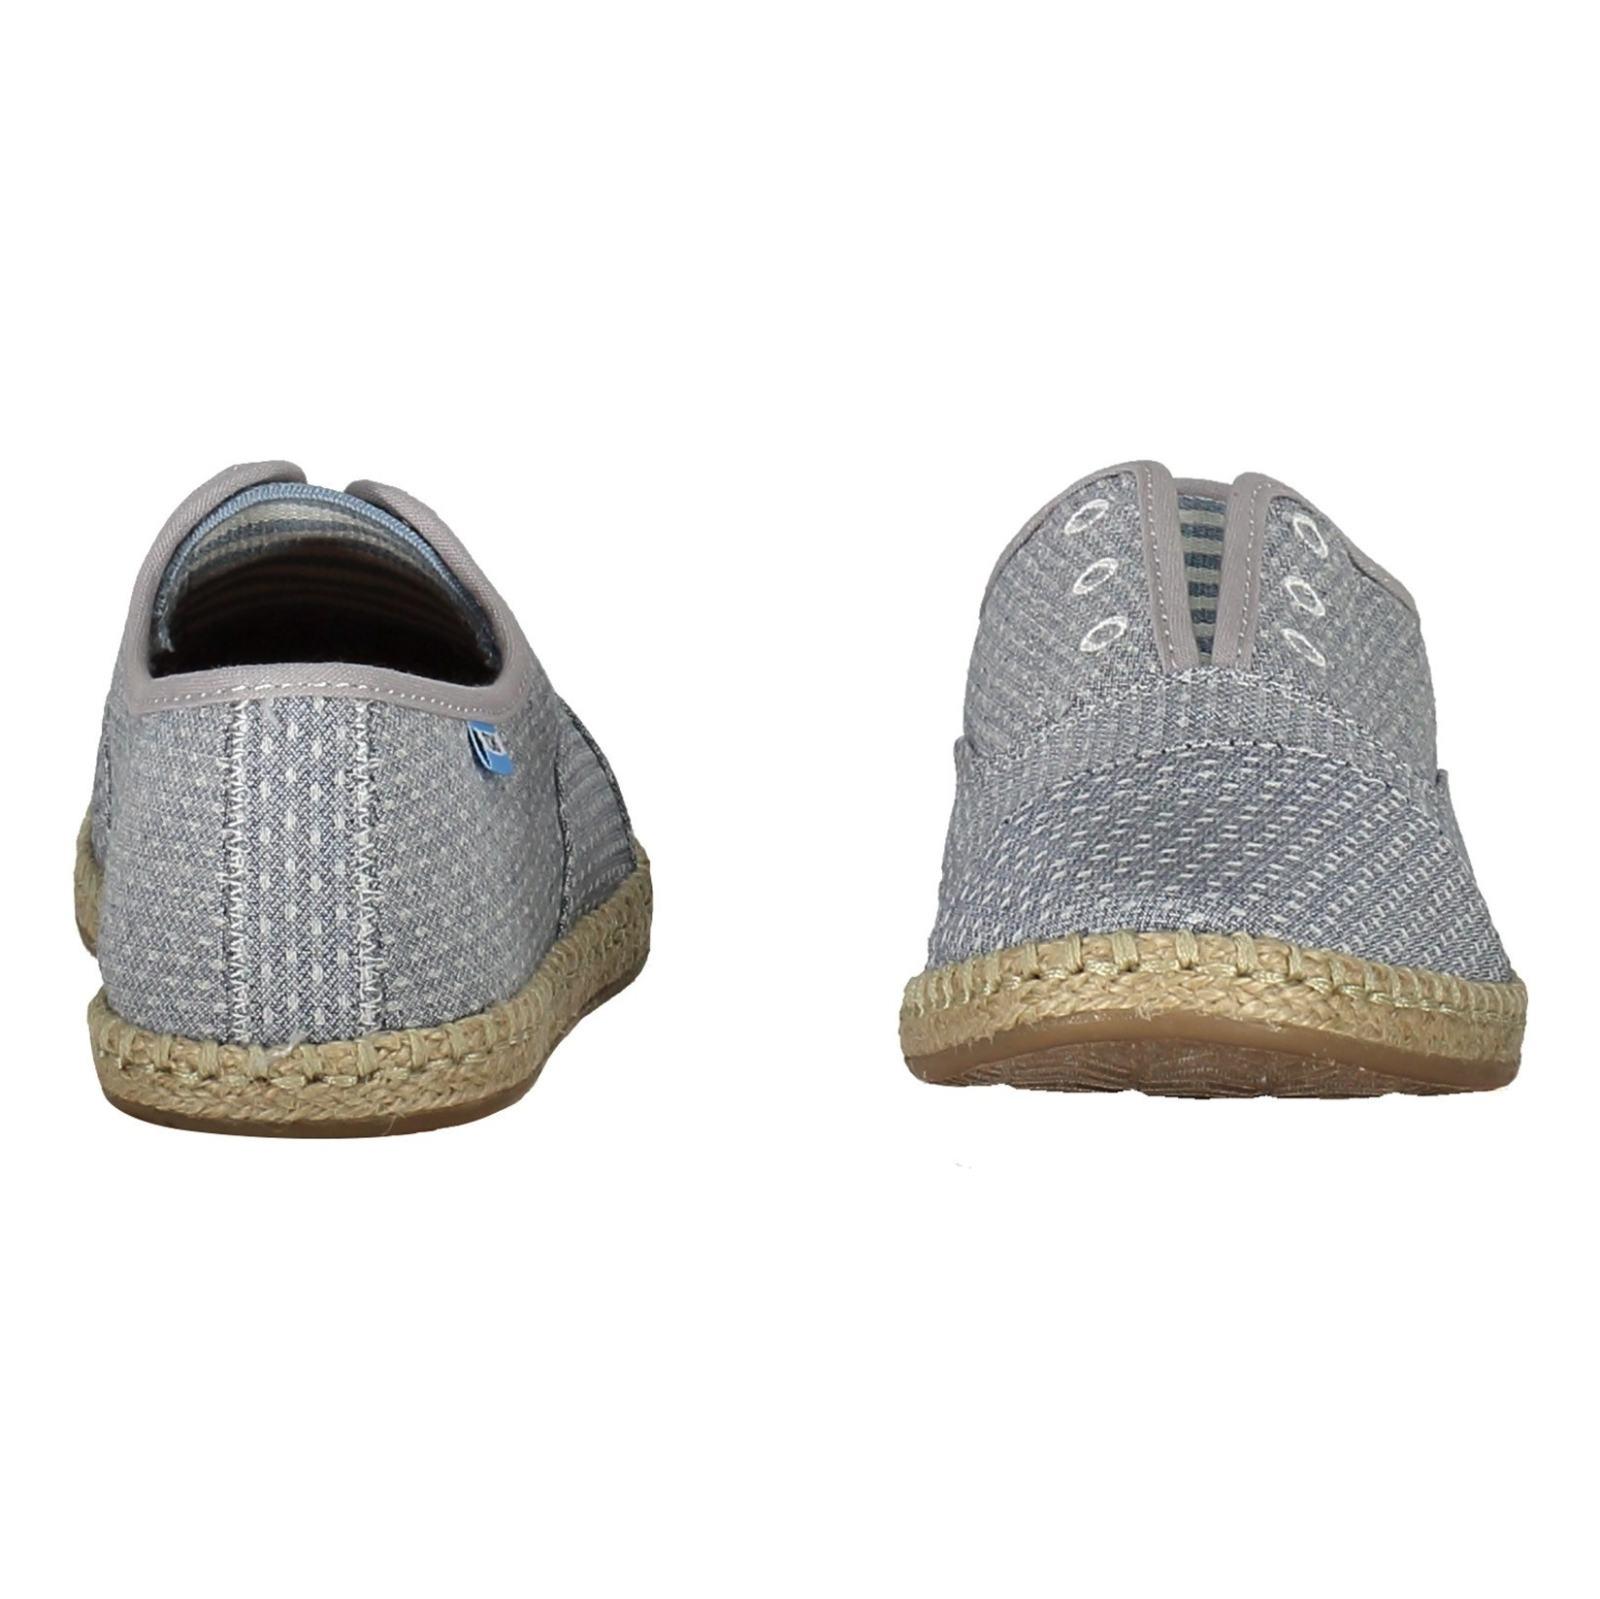 کفش تخت پارچه ای زنانه - تامز - آبي - 5